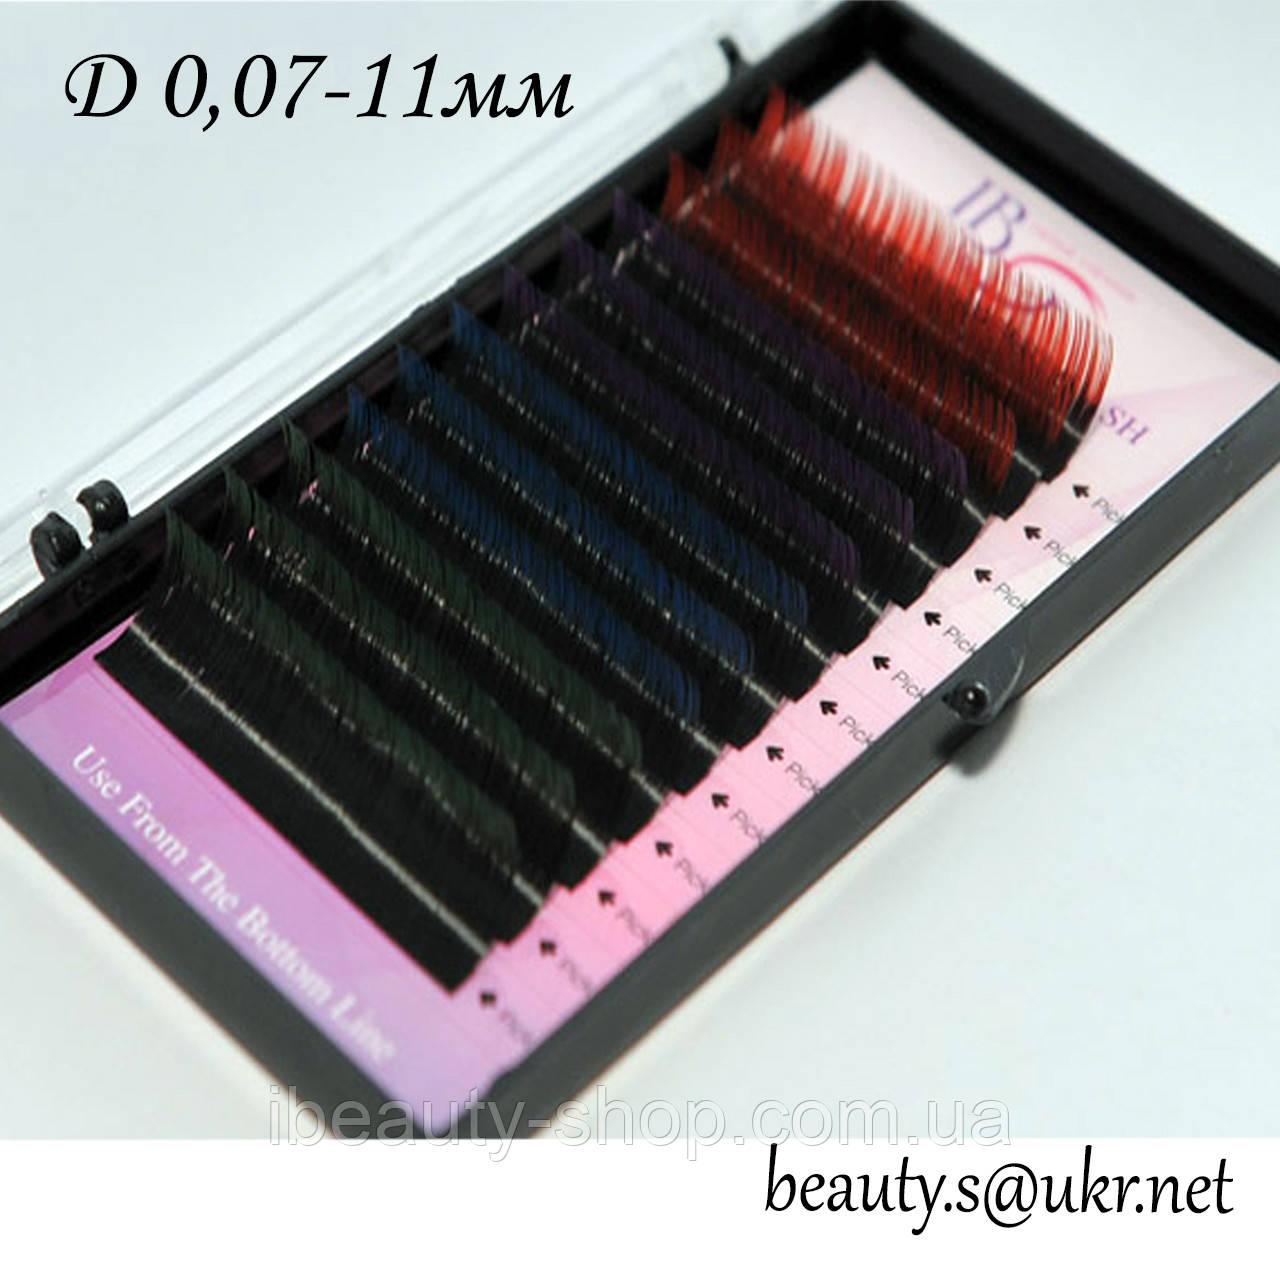 Ресницы I-Beauty, Д 0,07-11мм,цветные концы,4 цвета